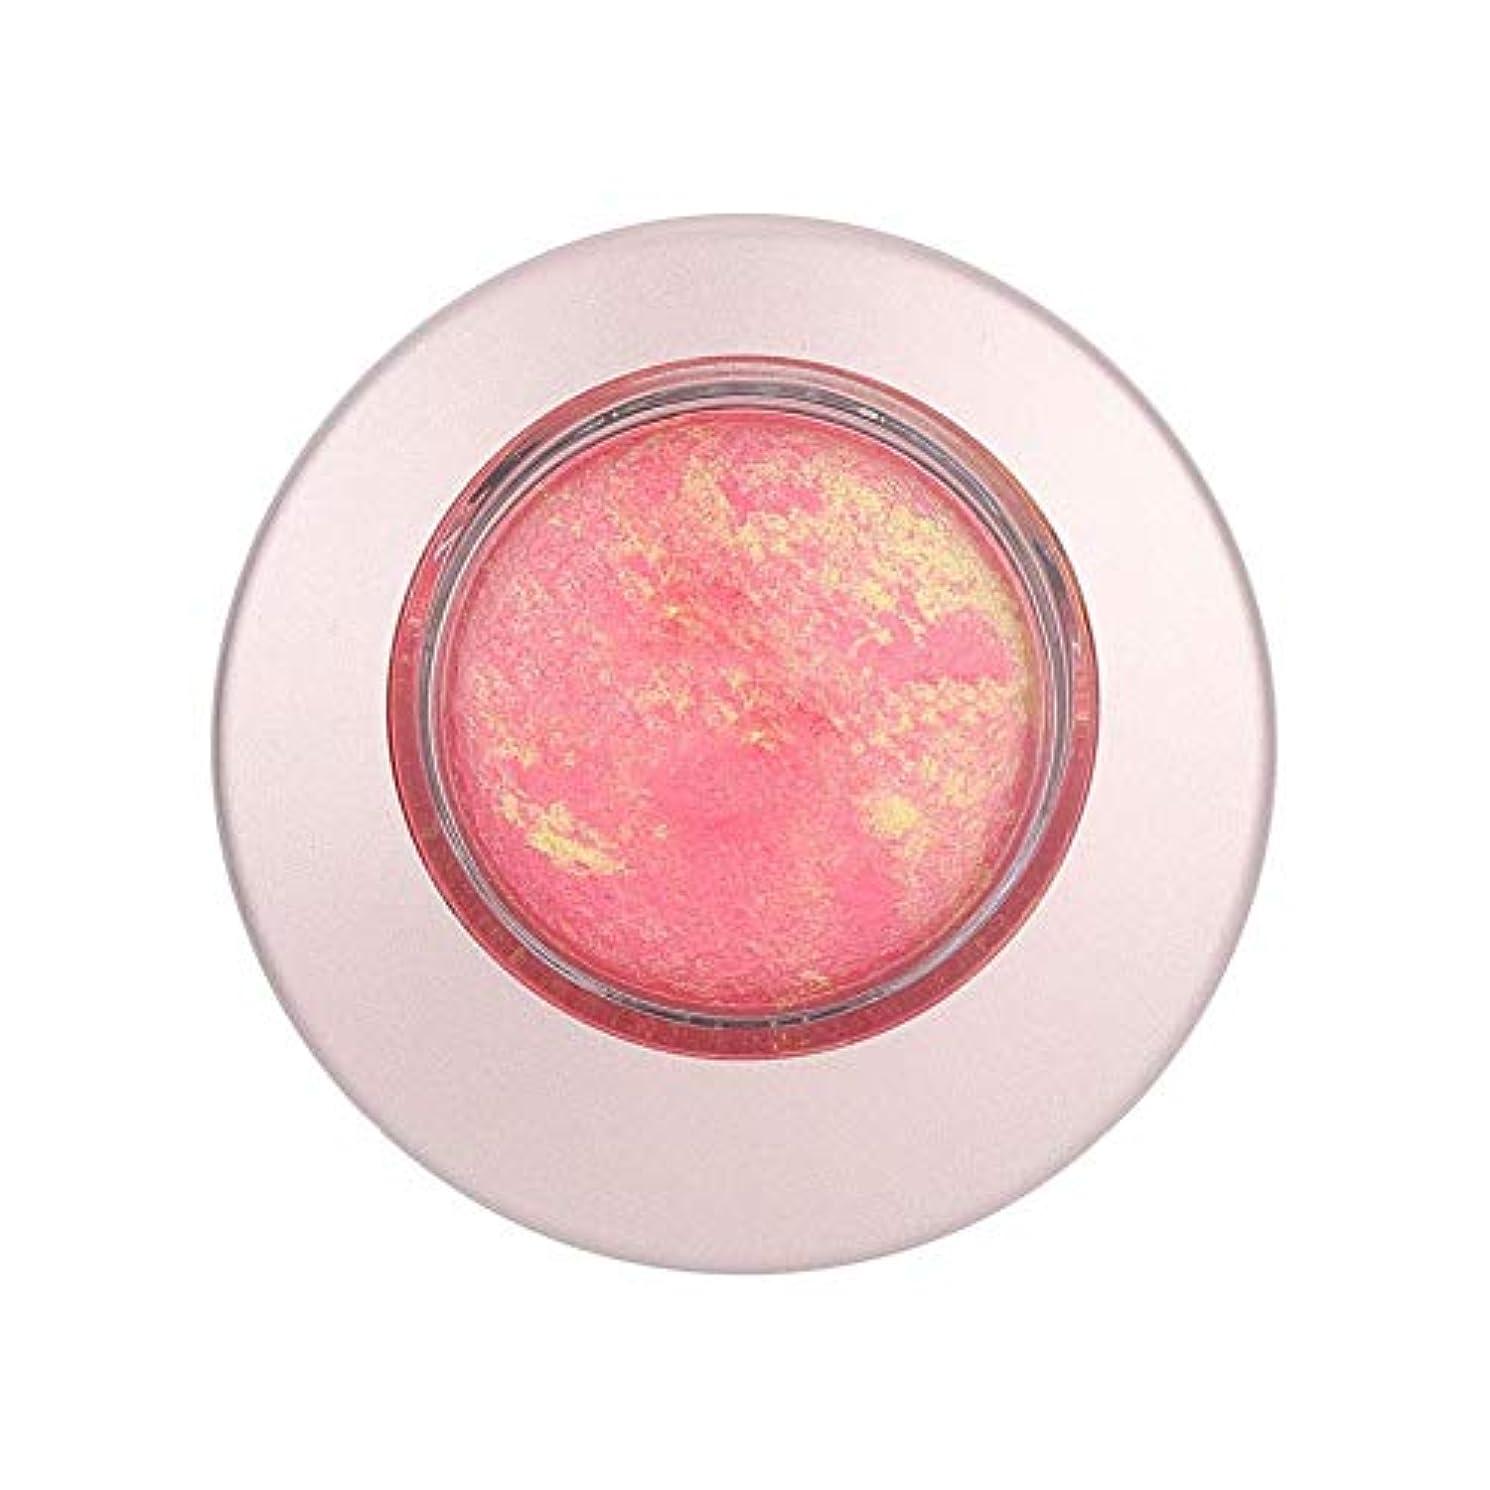 コスチューム小学生注意10g 長続きがする 単一色のほお紅の保湿の明るくなる赤面の粉の表面構造(808)